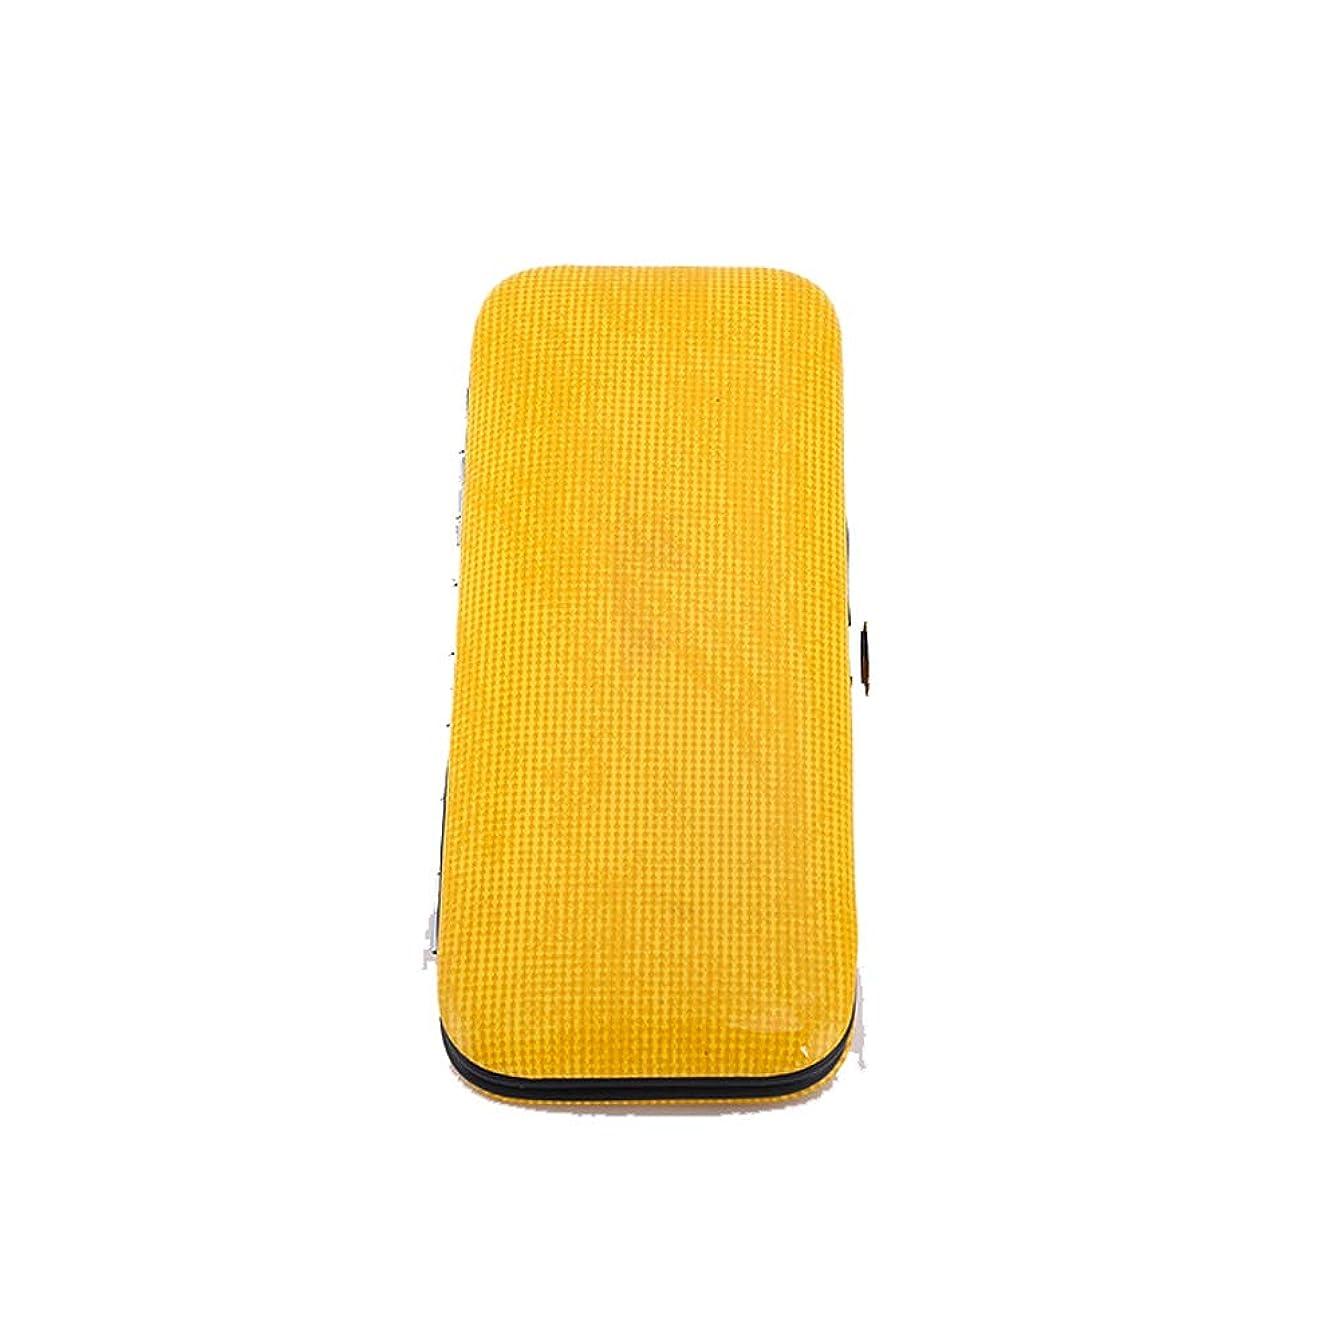 残高懐キー便利な爪切り ステンレススチールネイルクリッパーセットネイルクリッパーセット8個セット美容ネイルツールセット ネイルドレッシングツール (色 : 黄)